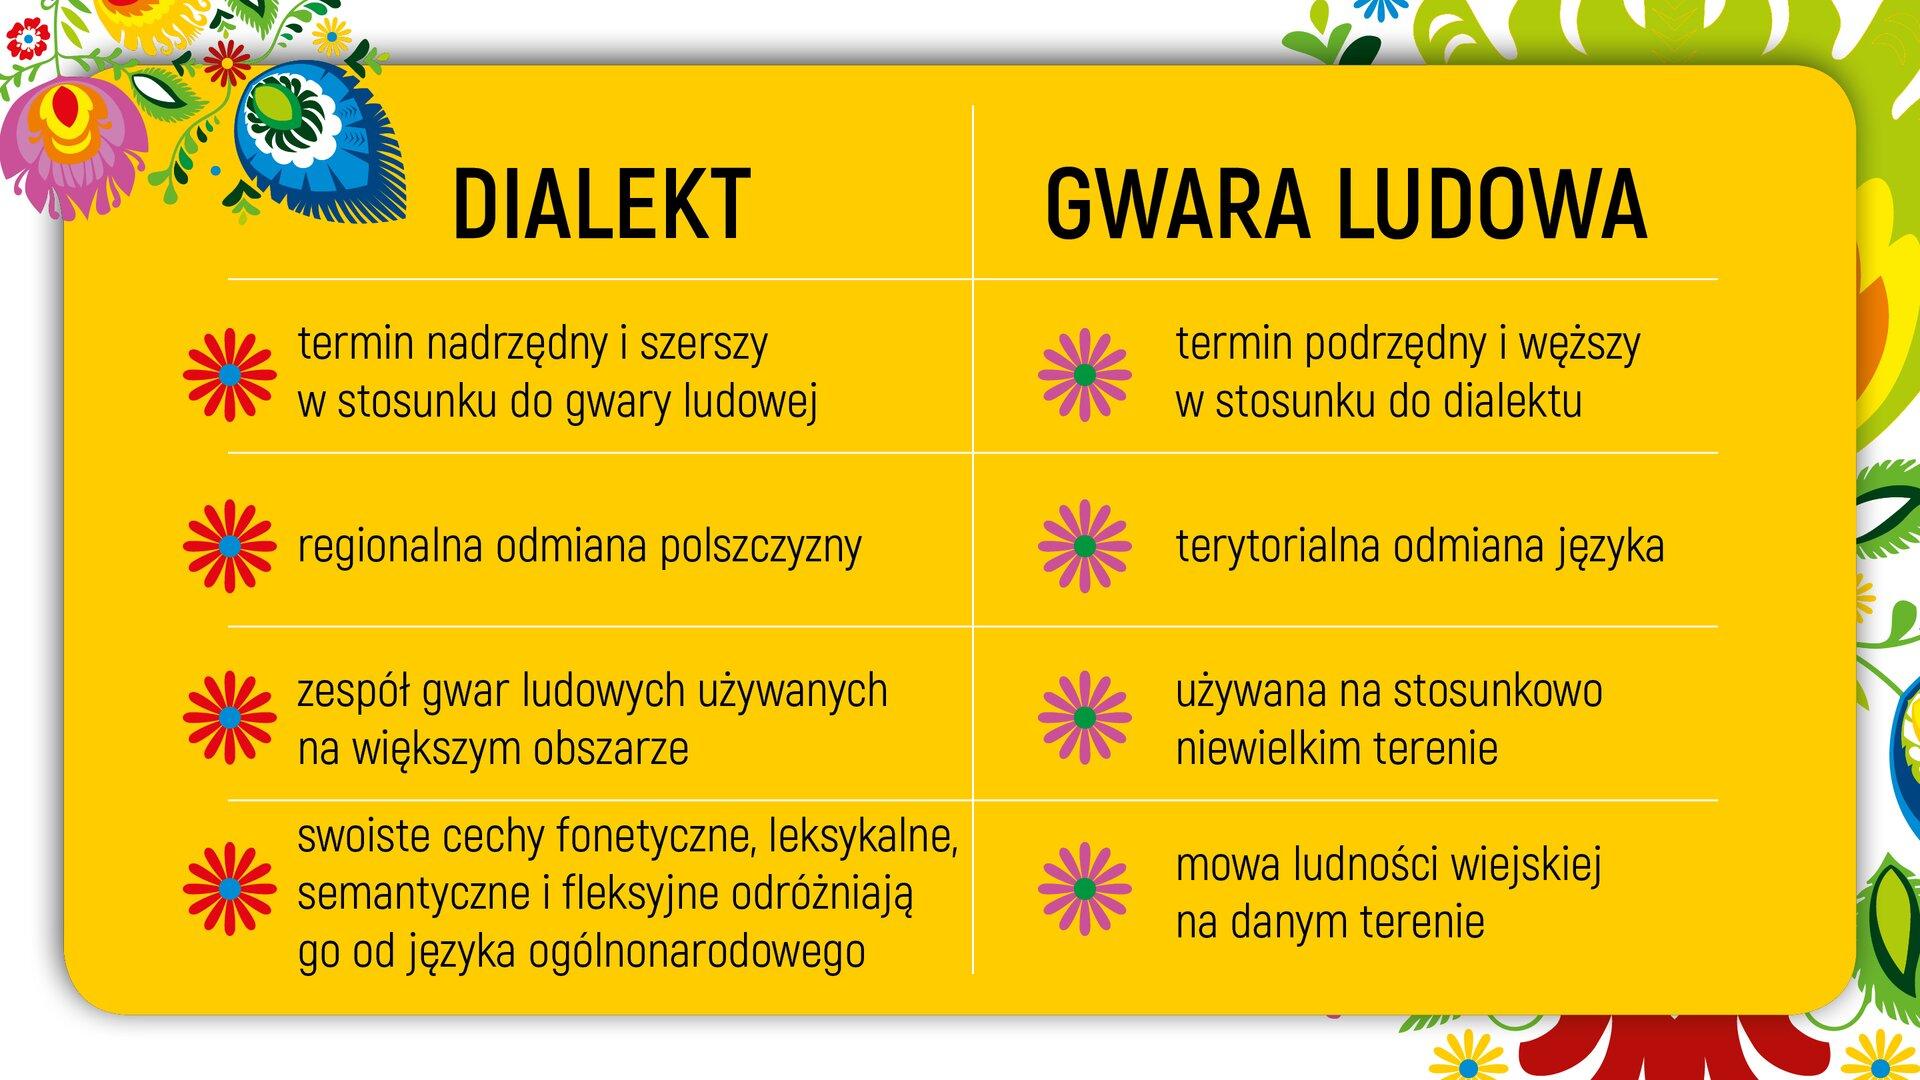 """Ilustracja przedstawia tabelę podzieloną na dwie kolumny zatytułowane (od lewej strony): """"DIALEKT"""" i""""GWARA LUDOWA"""". Wpierwszej znich wypisano wpunktach: """"termin nadrzędny iszerszy wstosunku do gwary ludowej; regionalna odmiana polszczyzny; zespół gwar ludowych używanych na większym obszarze; swoiste cechy fonetyczne, leksykalne, semantyczne ifleksyjne odróżniają go od języka ogólnonarodowego"""". Zkolei wdrugiej: """"termin podrzędny iwęższy wstosunku do dialektu; terytorialna odmiana języka; używana na stosunkowo niewielkim terenie; mowa ludności wiejskiej na danym terenie""""."""